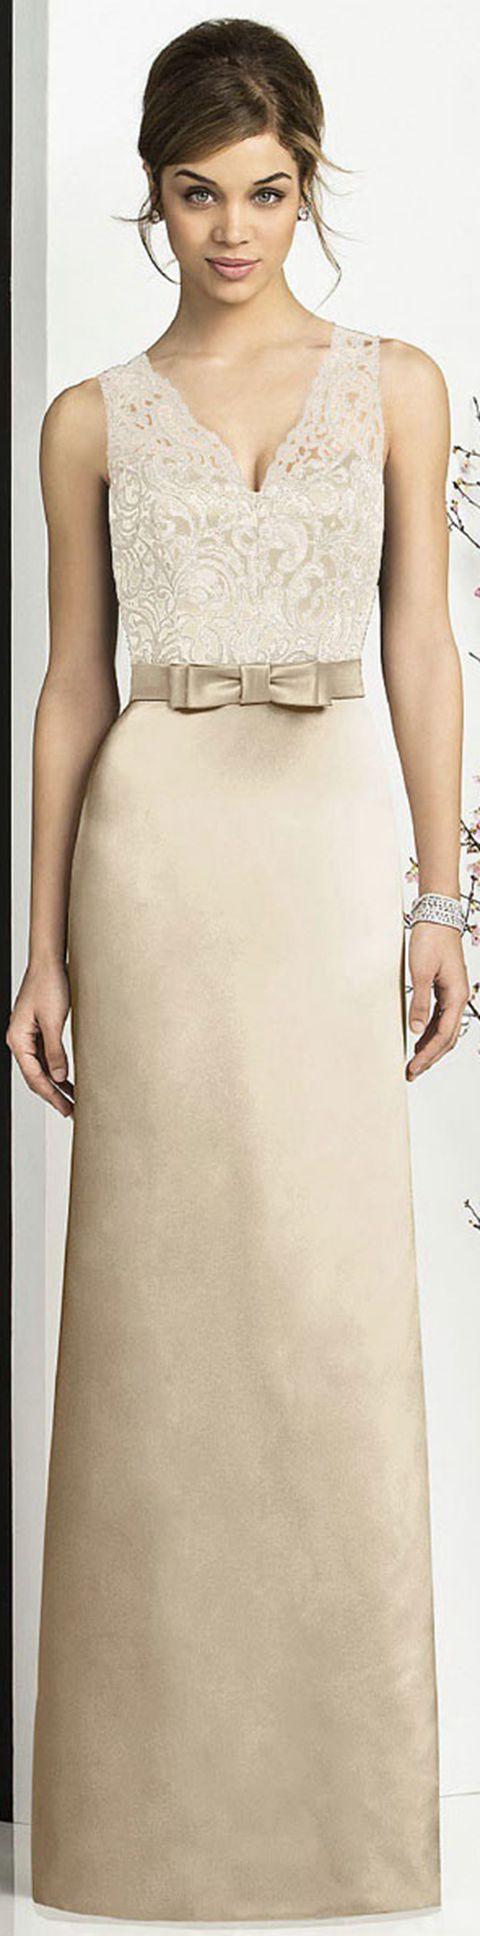 Satin A-line Zipper Floor-length V-neck Bridesmaid Dresses